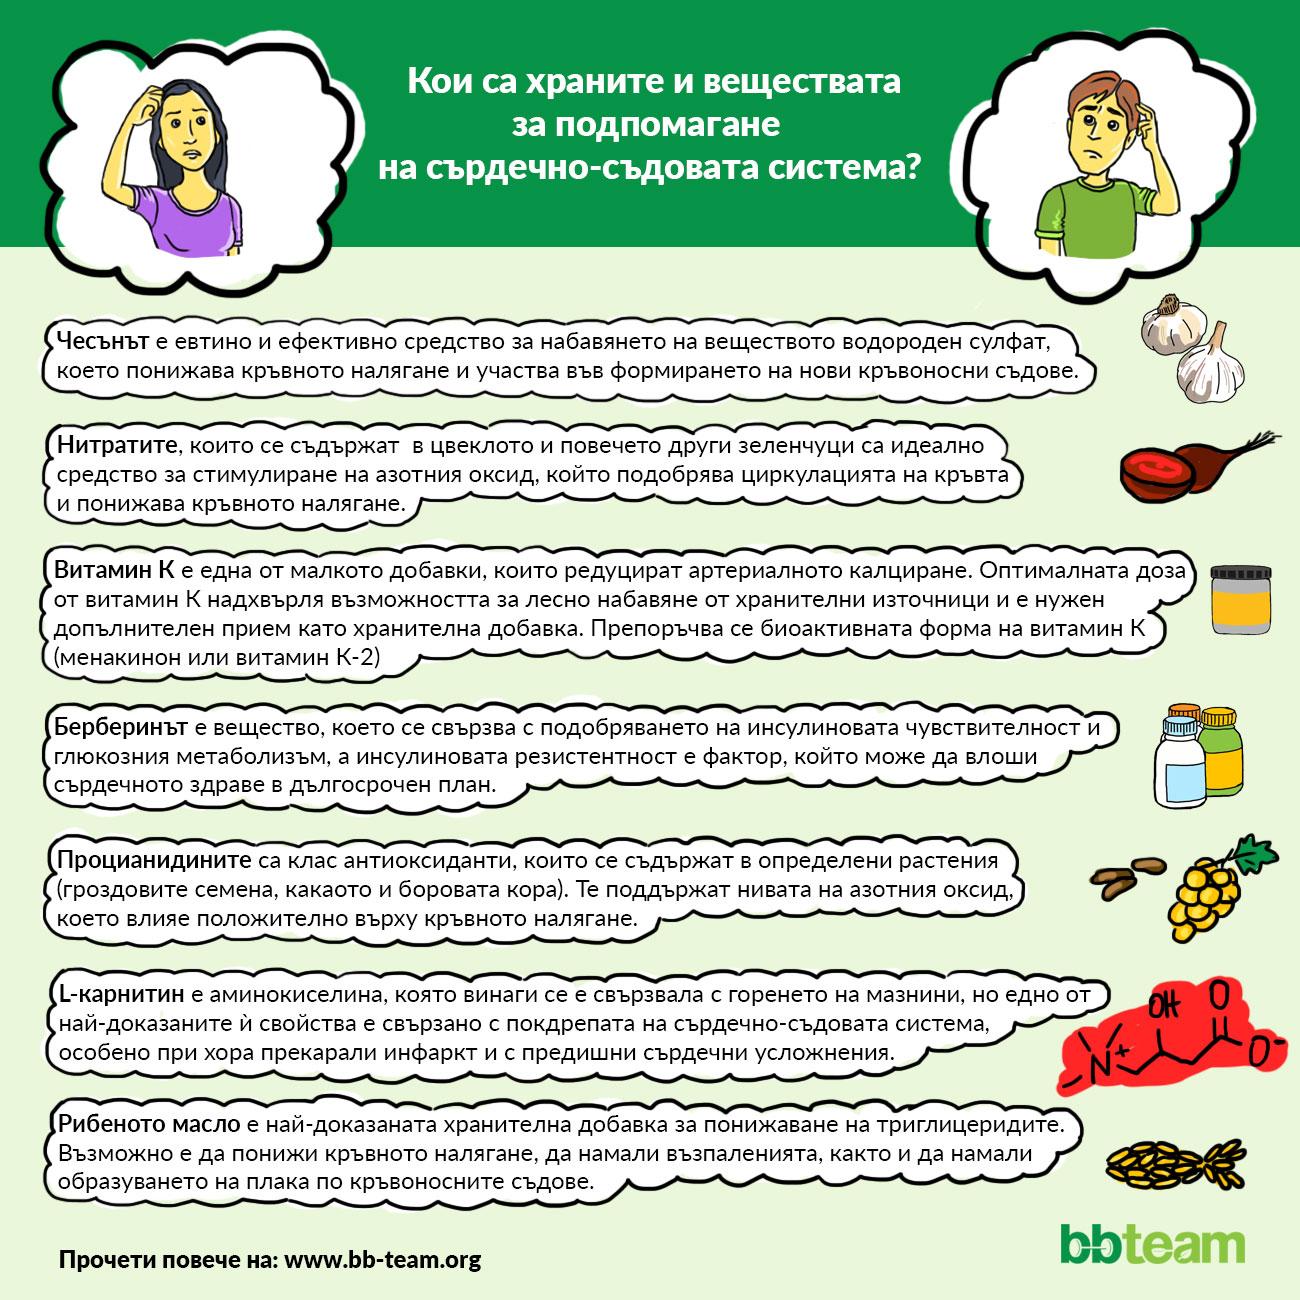 Кои са храните и веществата за подпомагане на сърдечно-съдовата система? [инфографика]